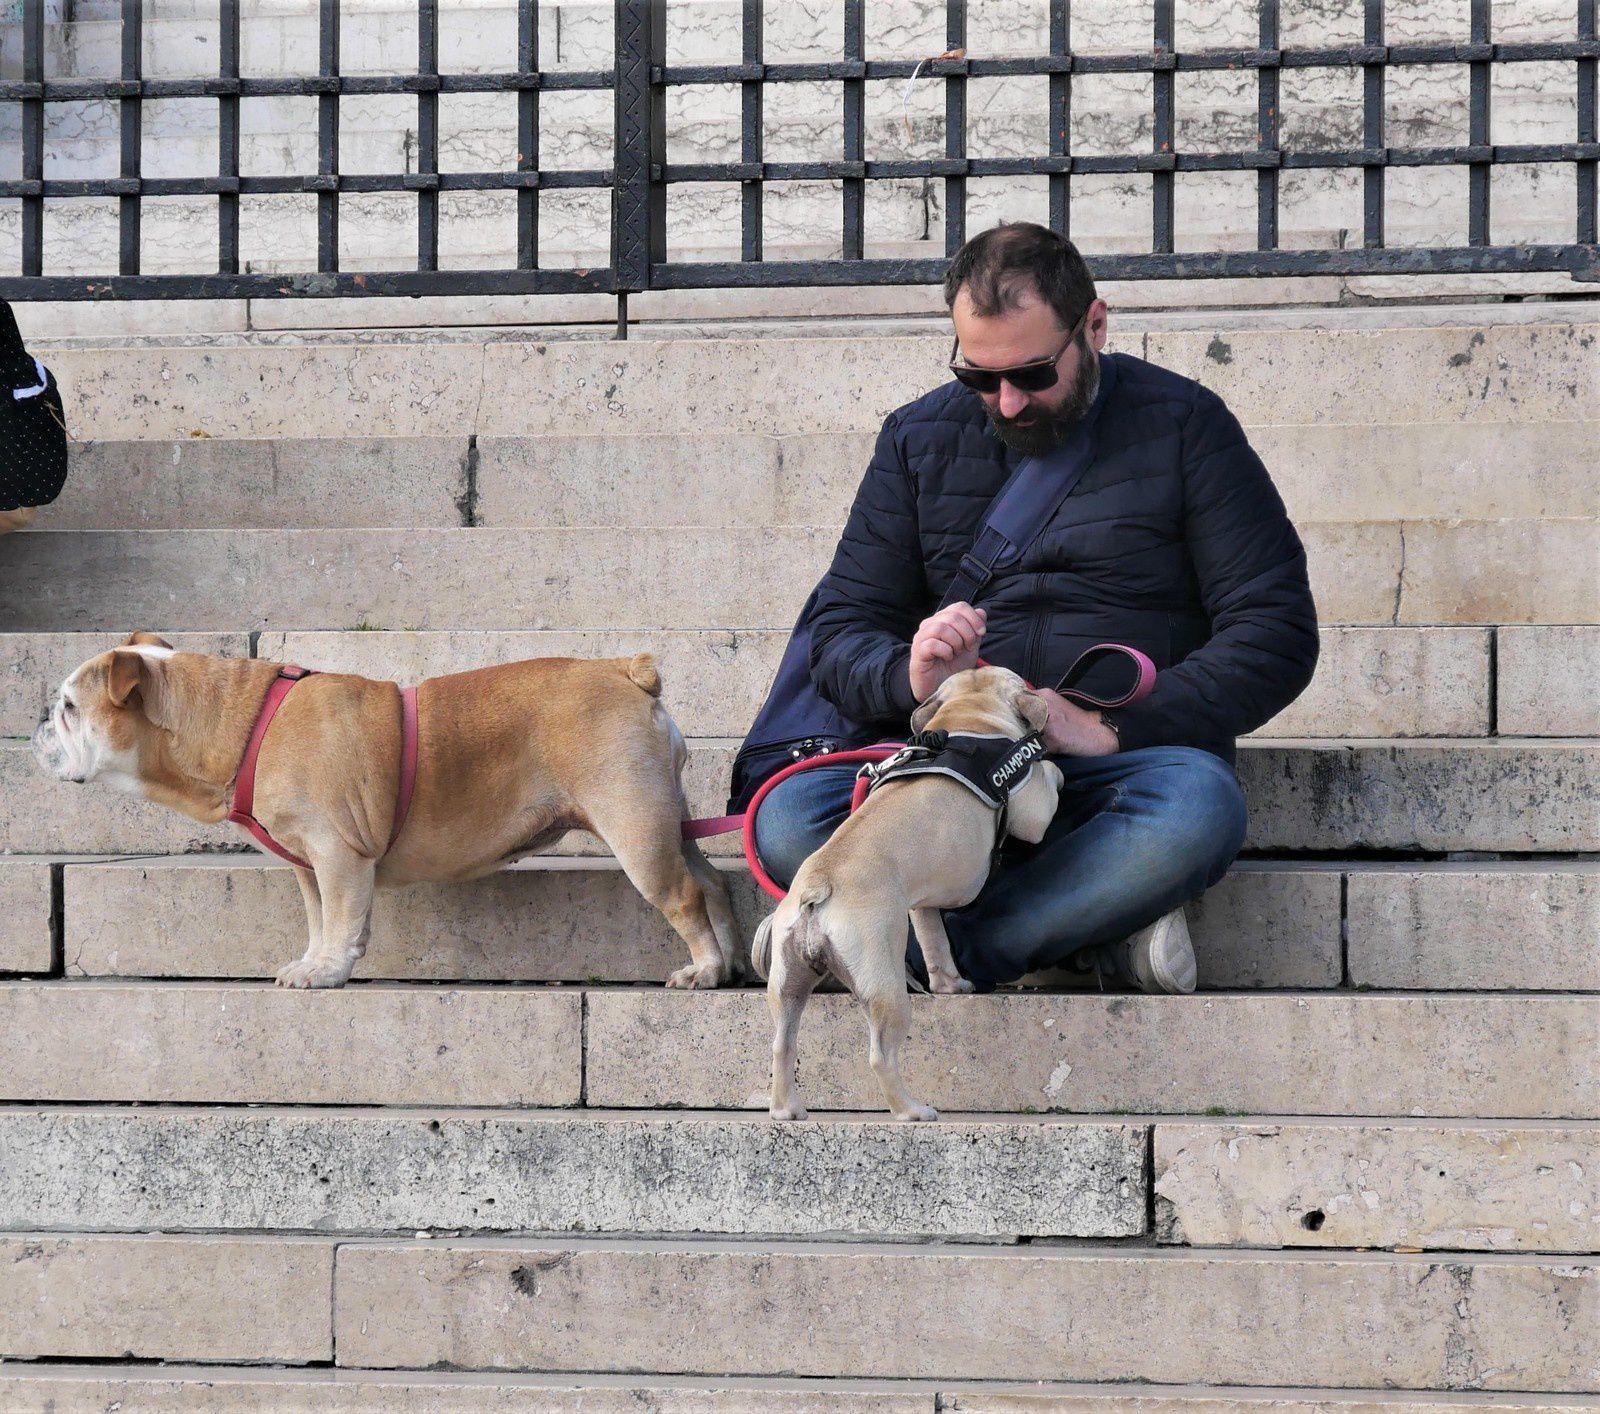 Chiens et maîtres à Montmartre. Une année de chiens!